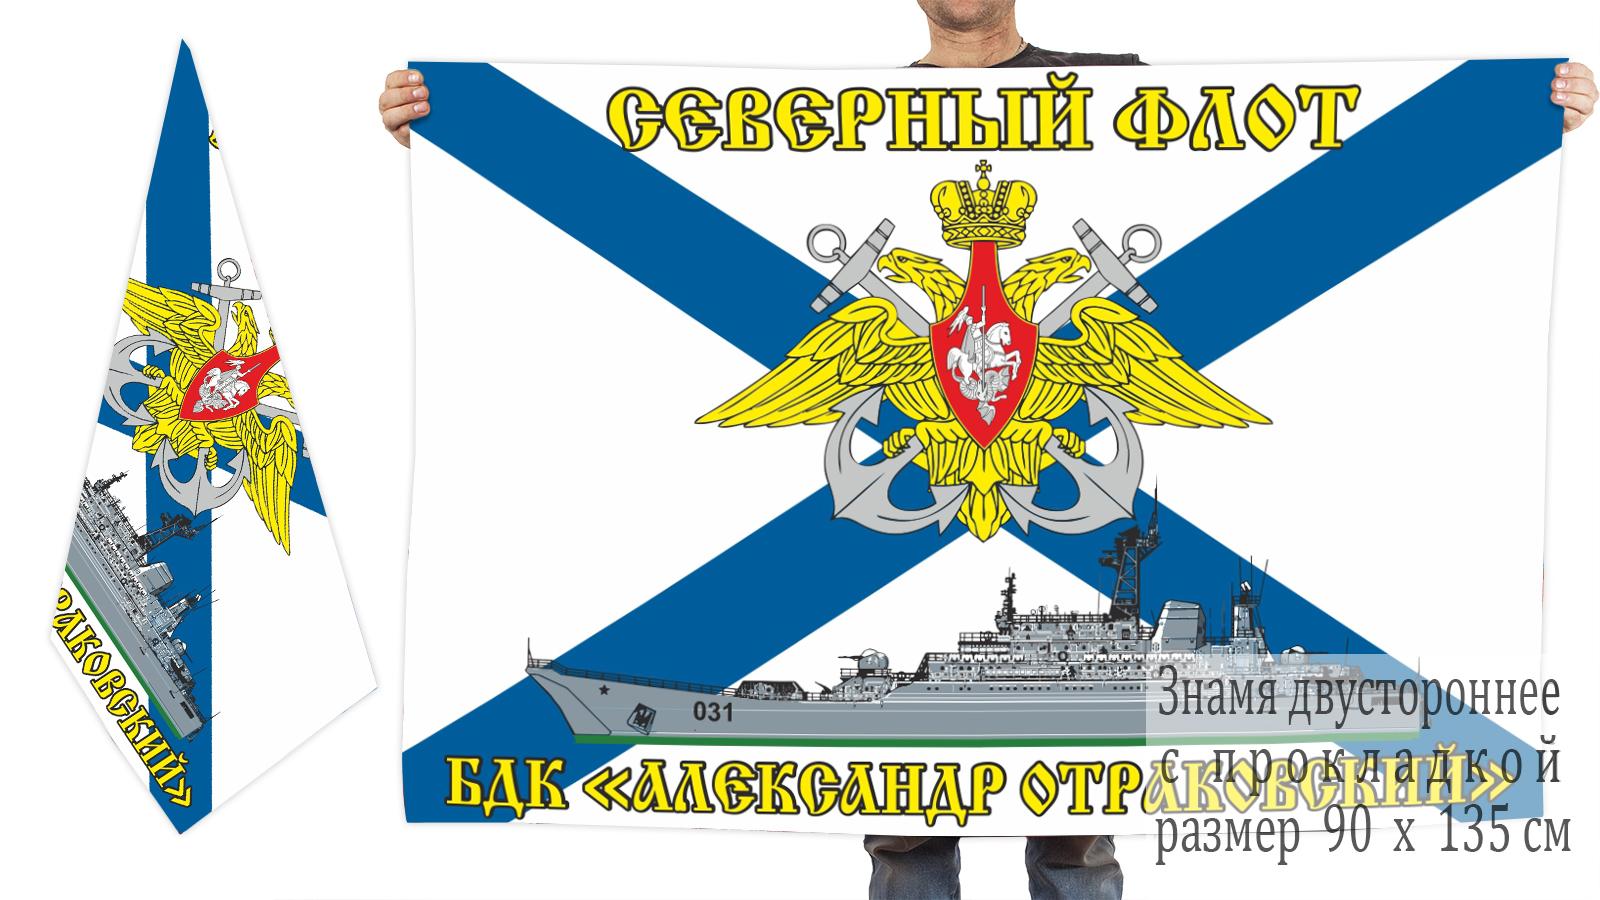 """Двусторонний флаг БДК """"Александр Отраковский"""""""